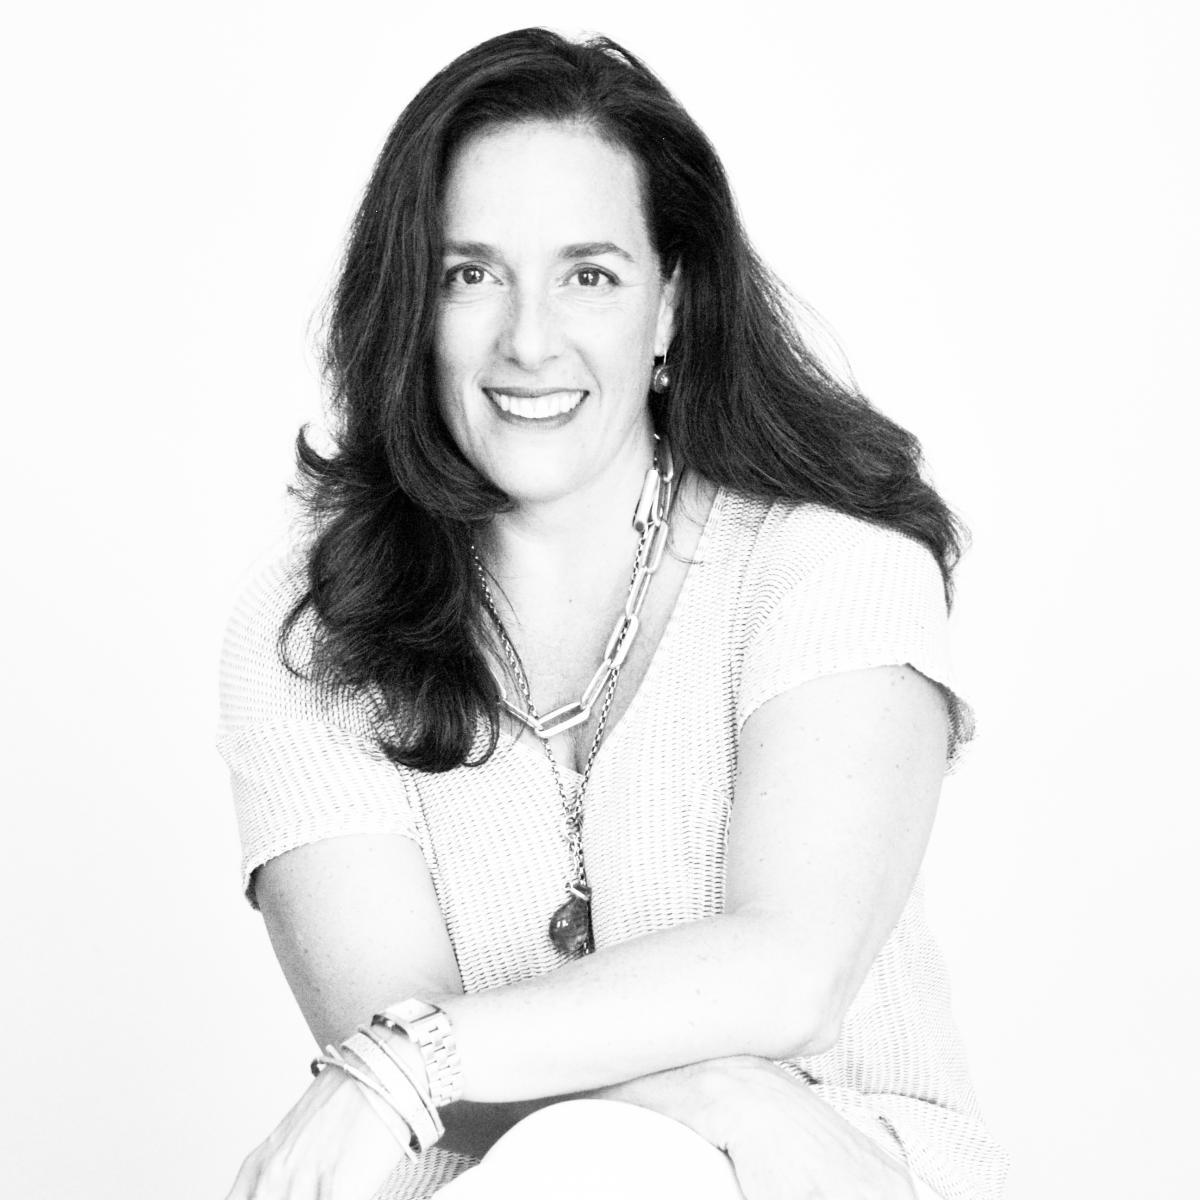 Denise Korn